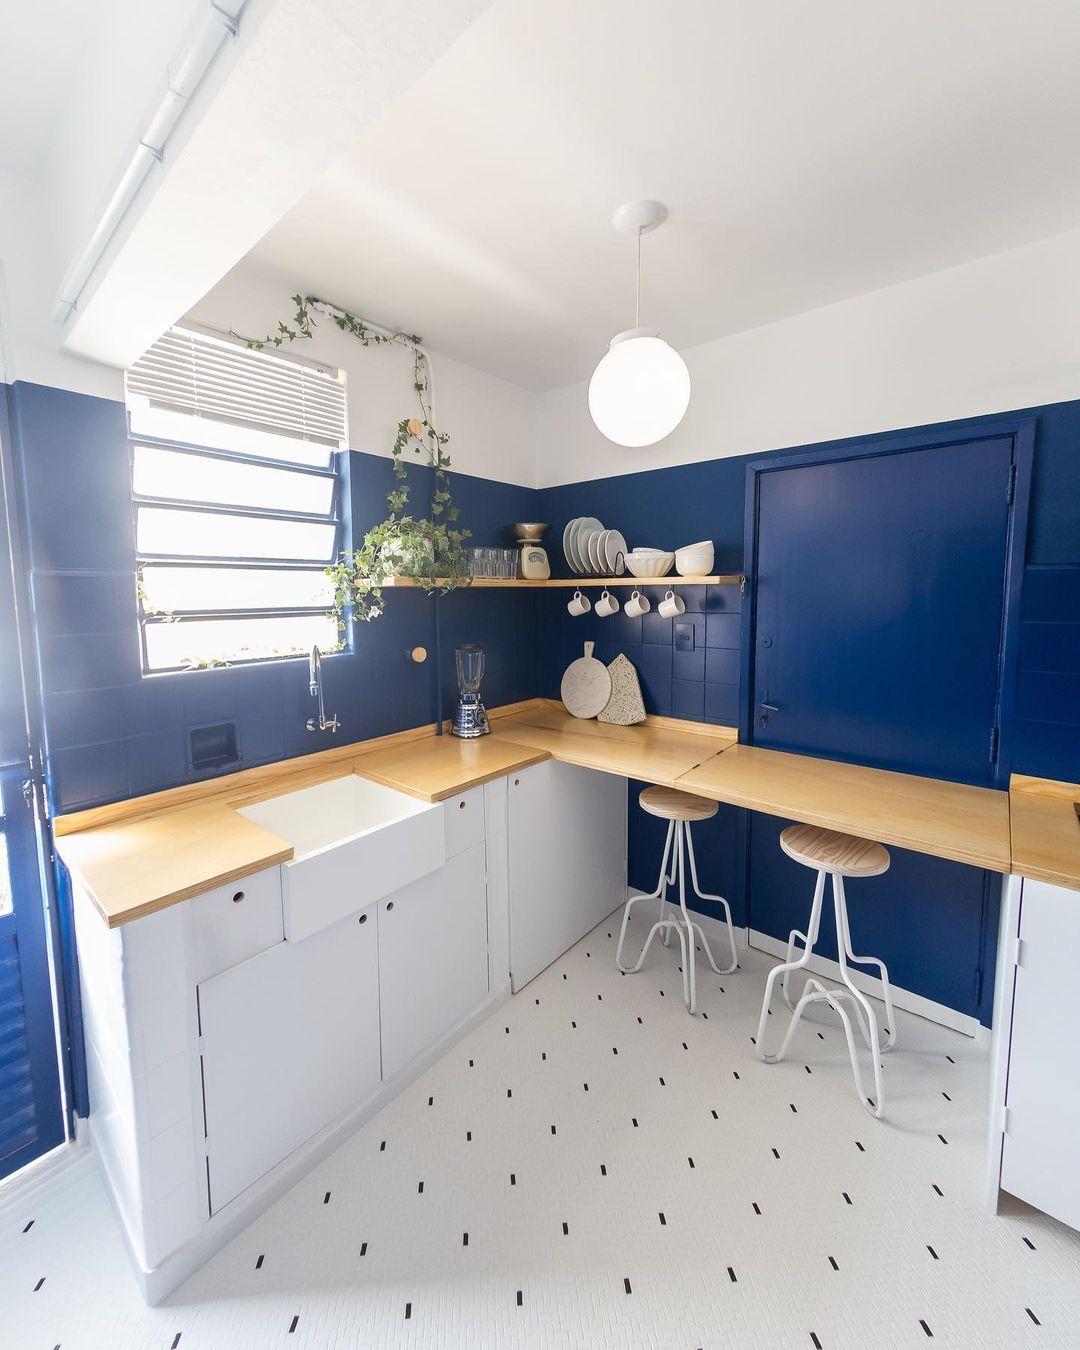 Quanto menos objetos expostos, mais simples é a limpeza. Cozinha é projeto de Matheus Ilt. Foto: Matheus Ilt/Divulgação.